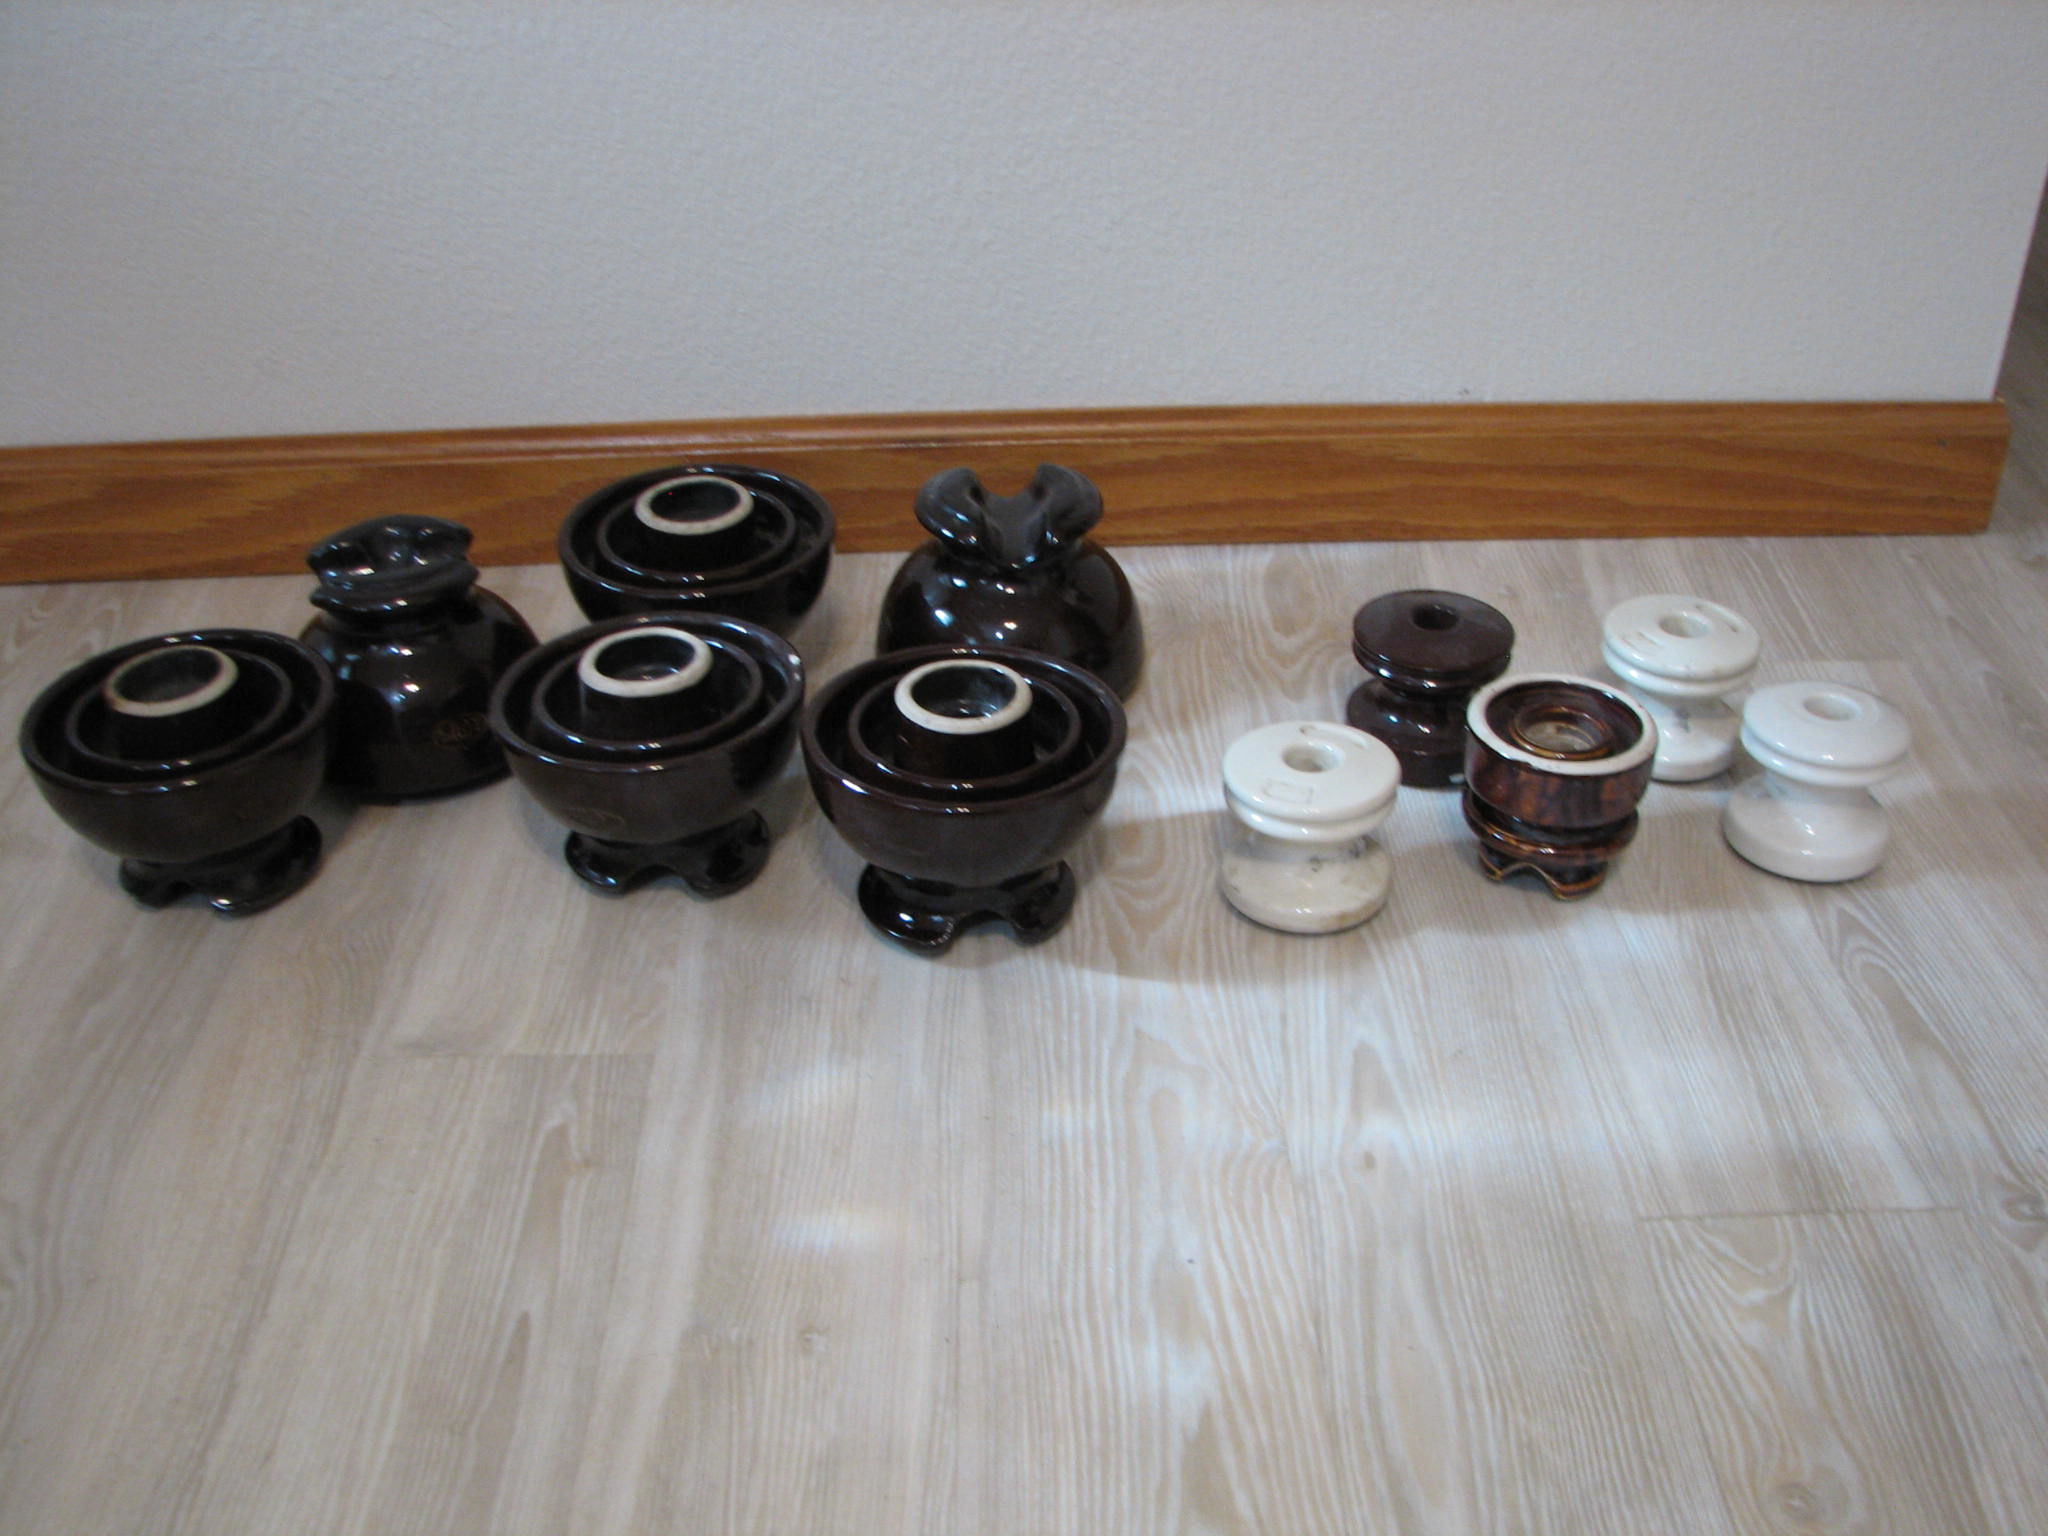 Vintage Ceramic Insulators image 1